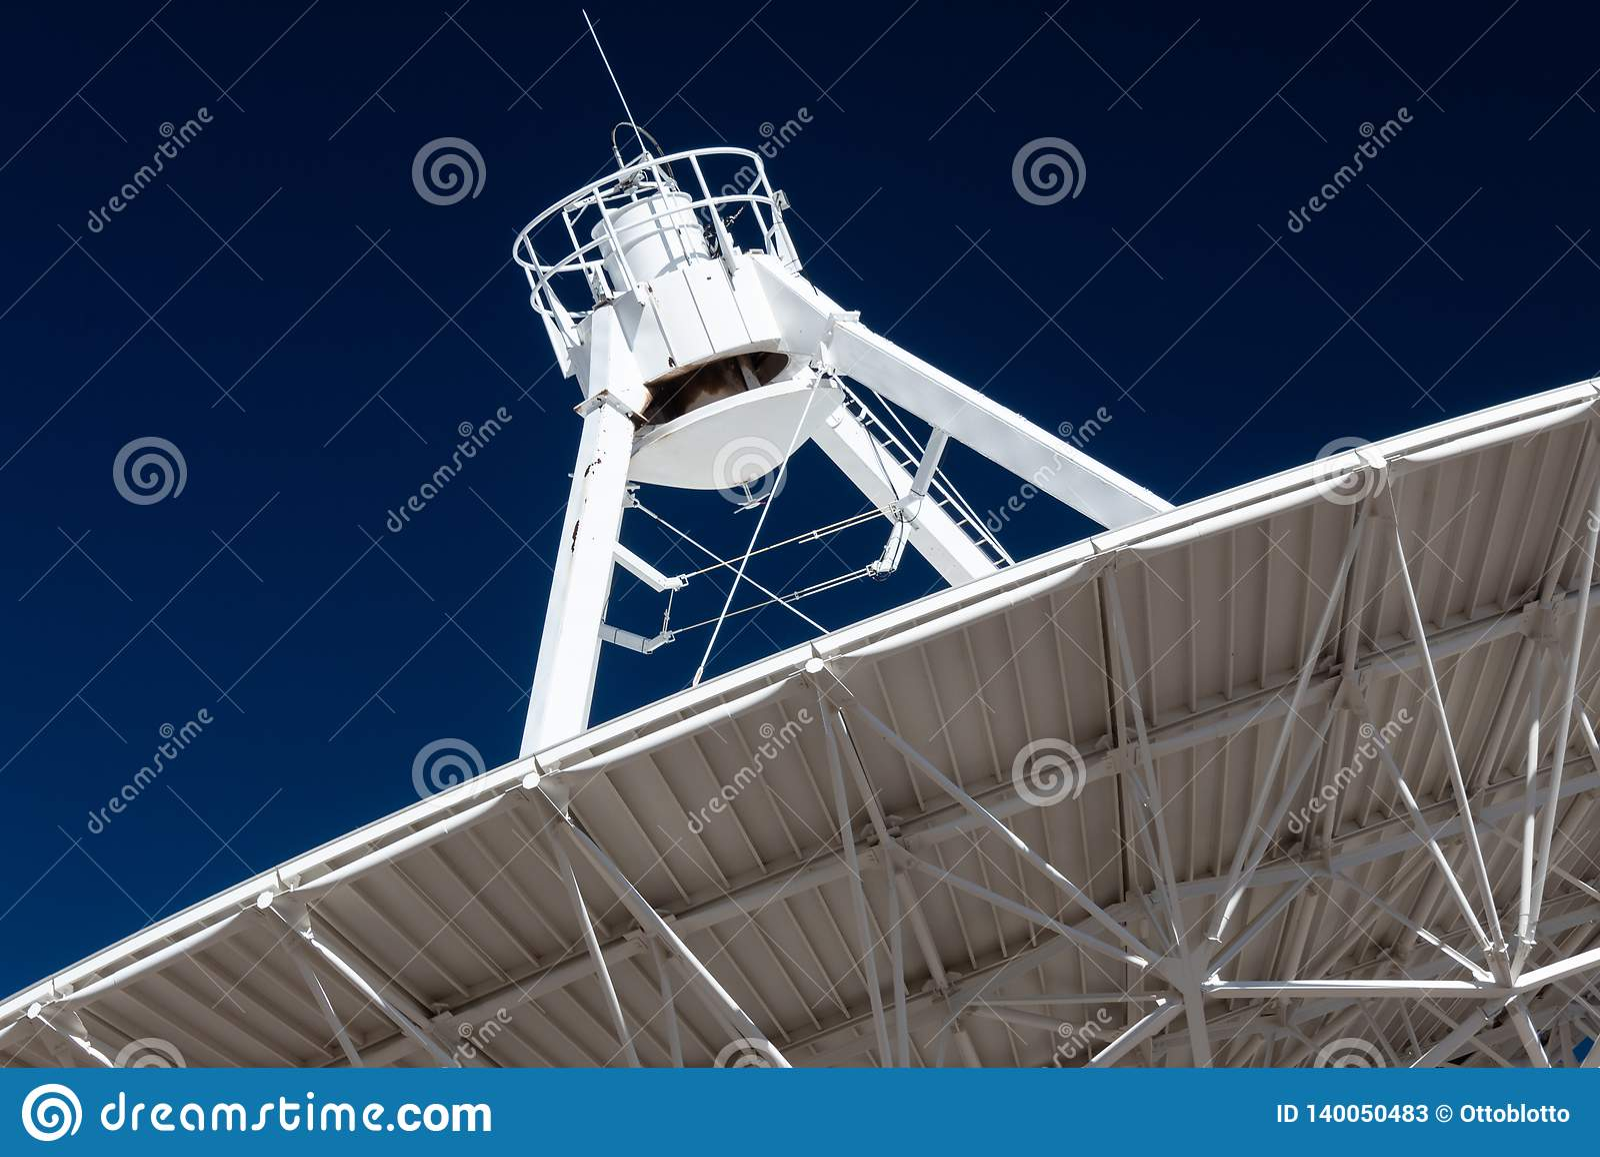 Very Large Array zamyka widok spód radiowej anteny naczynie VLA przeciw głębokiemu niebieskiemu niebu, eksploracja przestrzeni ko